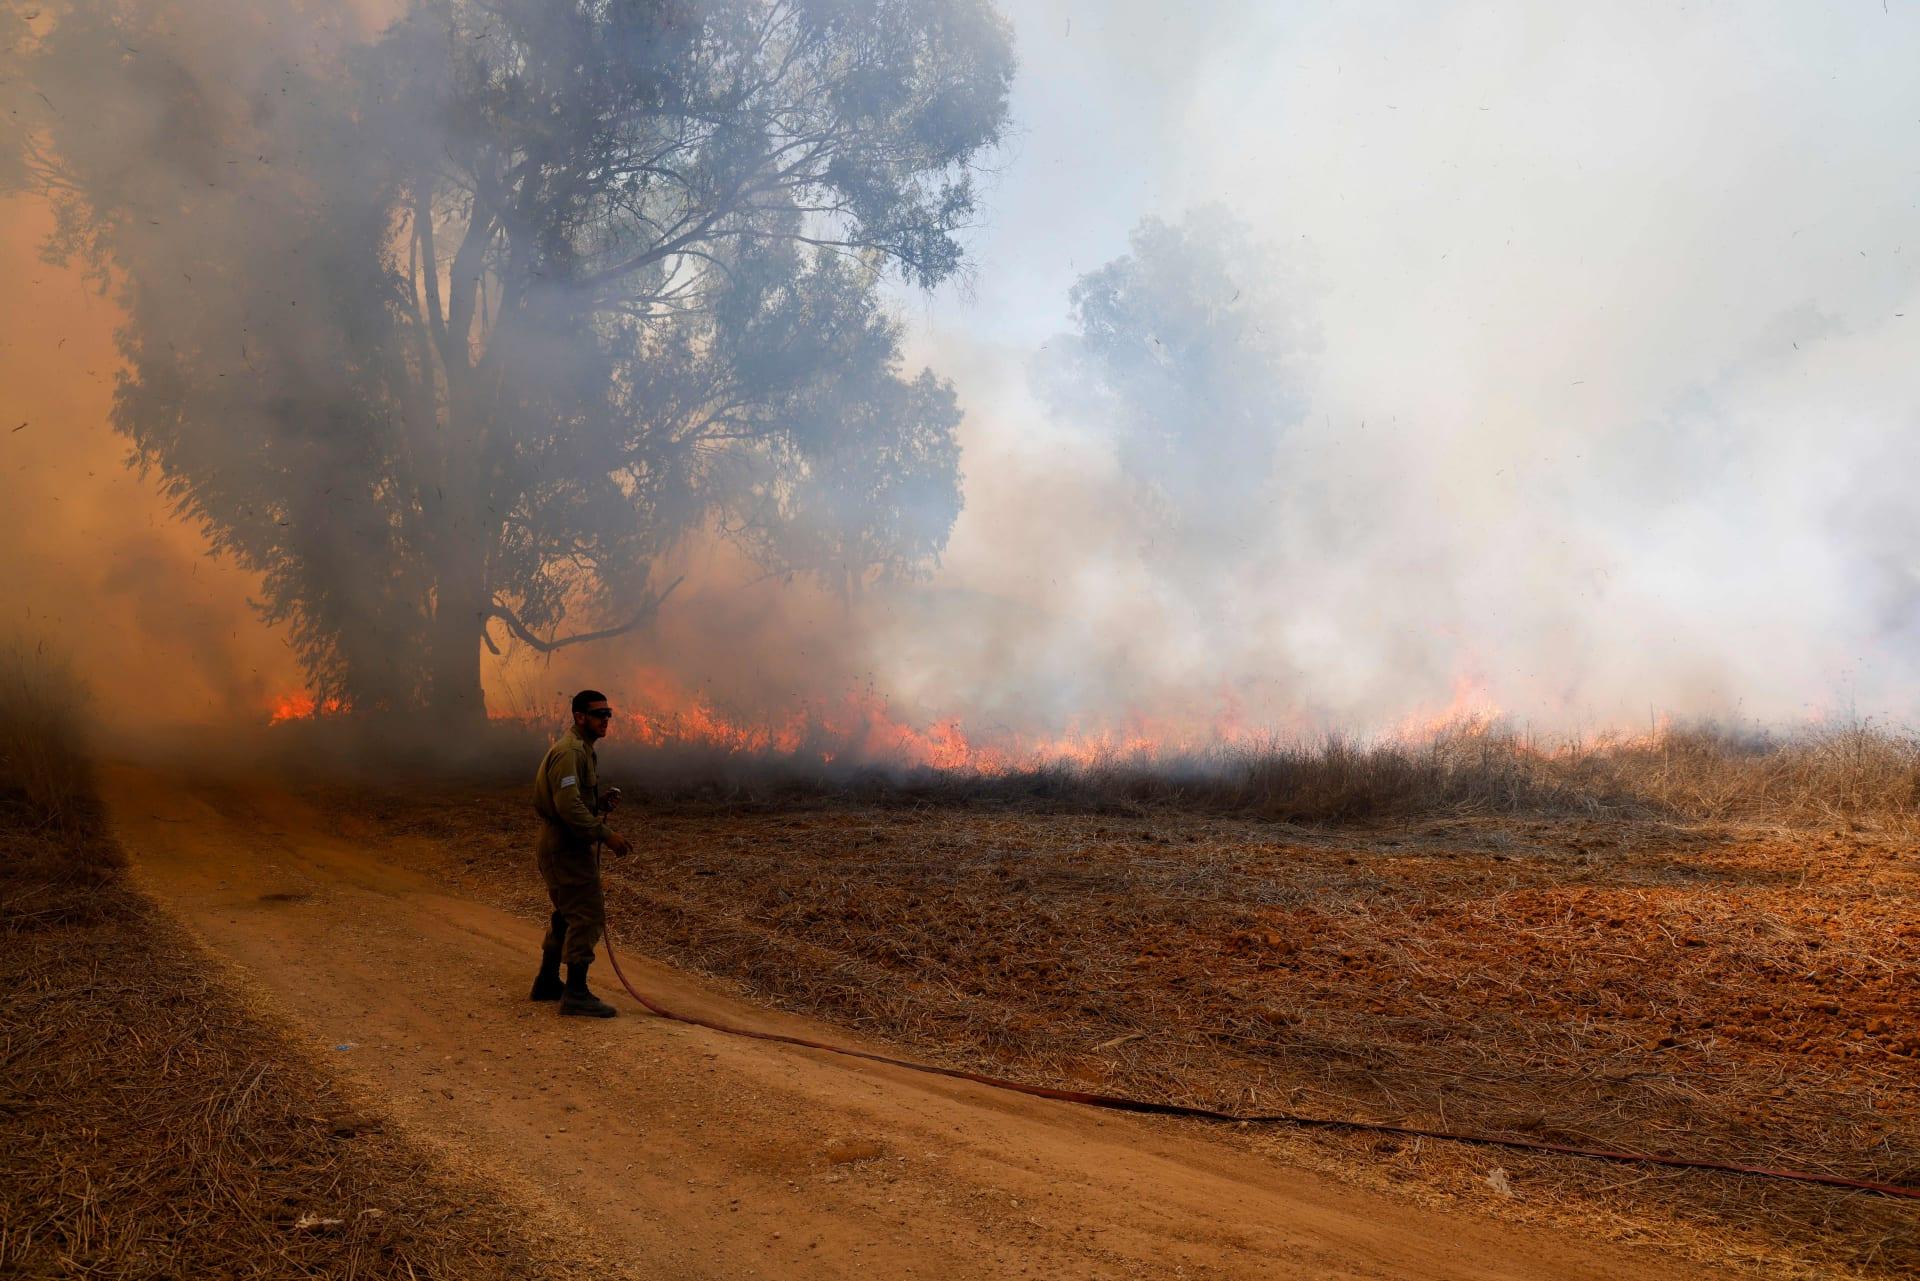 """حرائق """"ضخمة"""" في لبنان وسوريا وإسرائيل بسبب درجات الحرارة.. ومسؤول سوري: الوضع صعب"""